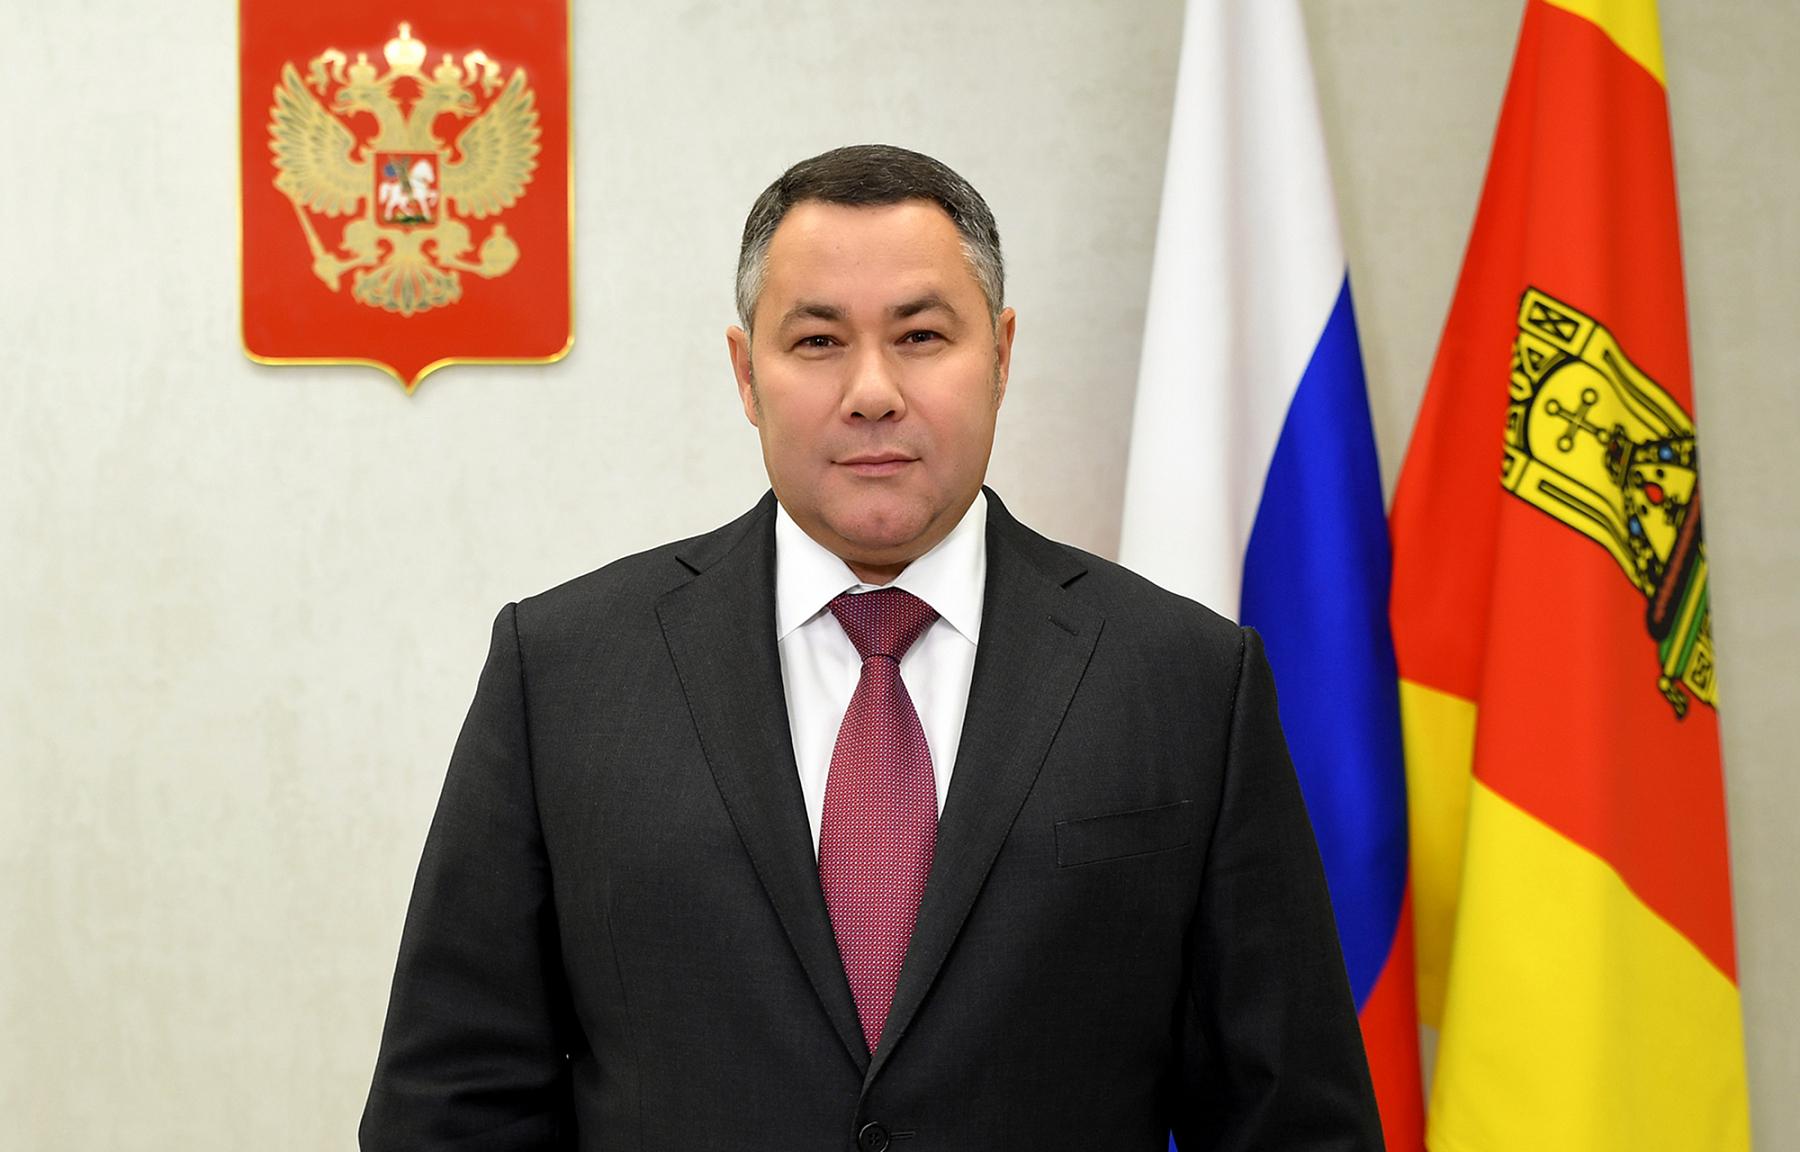 Игорь Руденя поздравил военнослужащих Тверской области с Днём ракетных войск и артиллерии